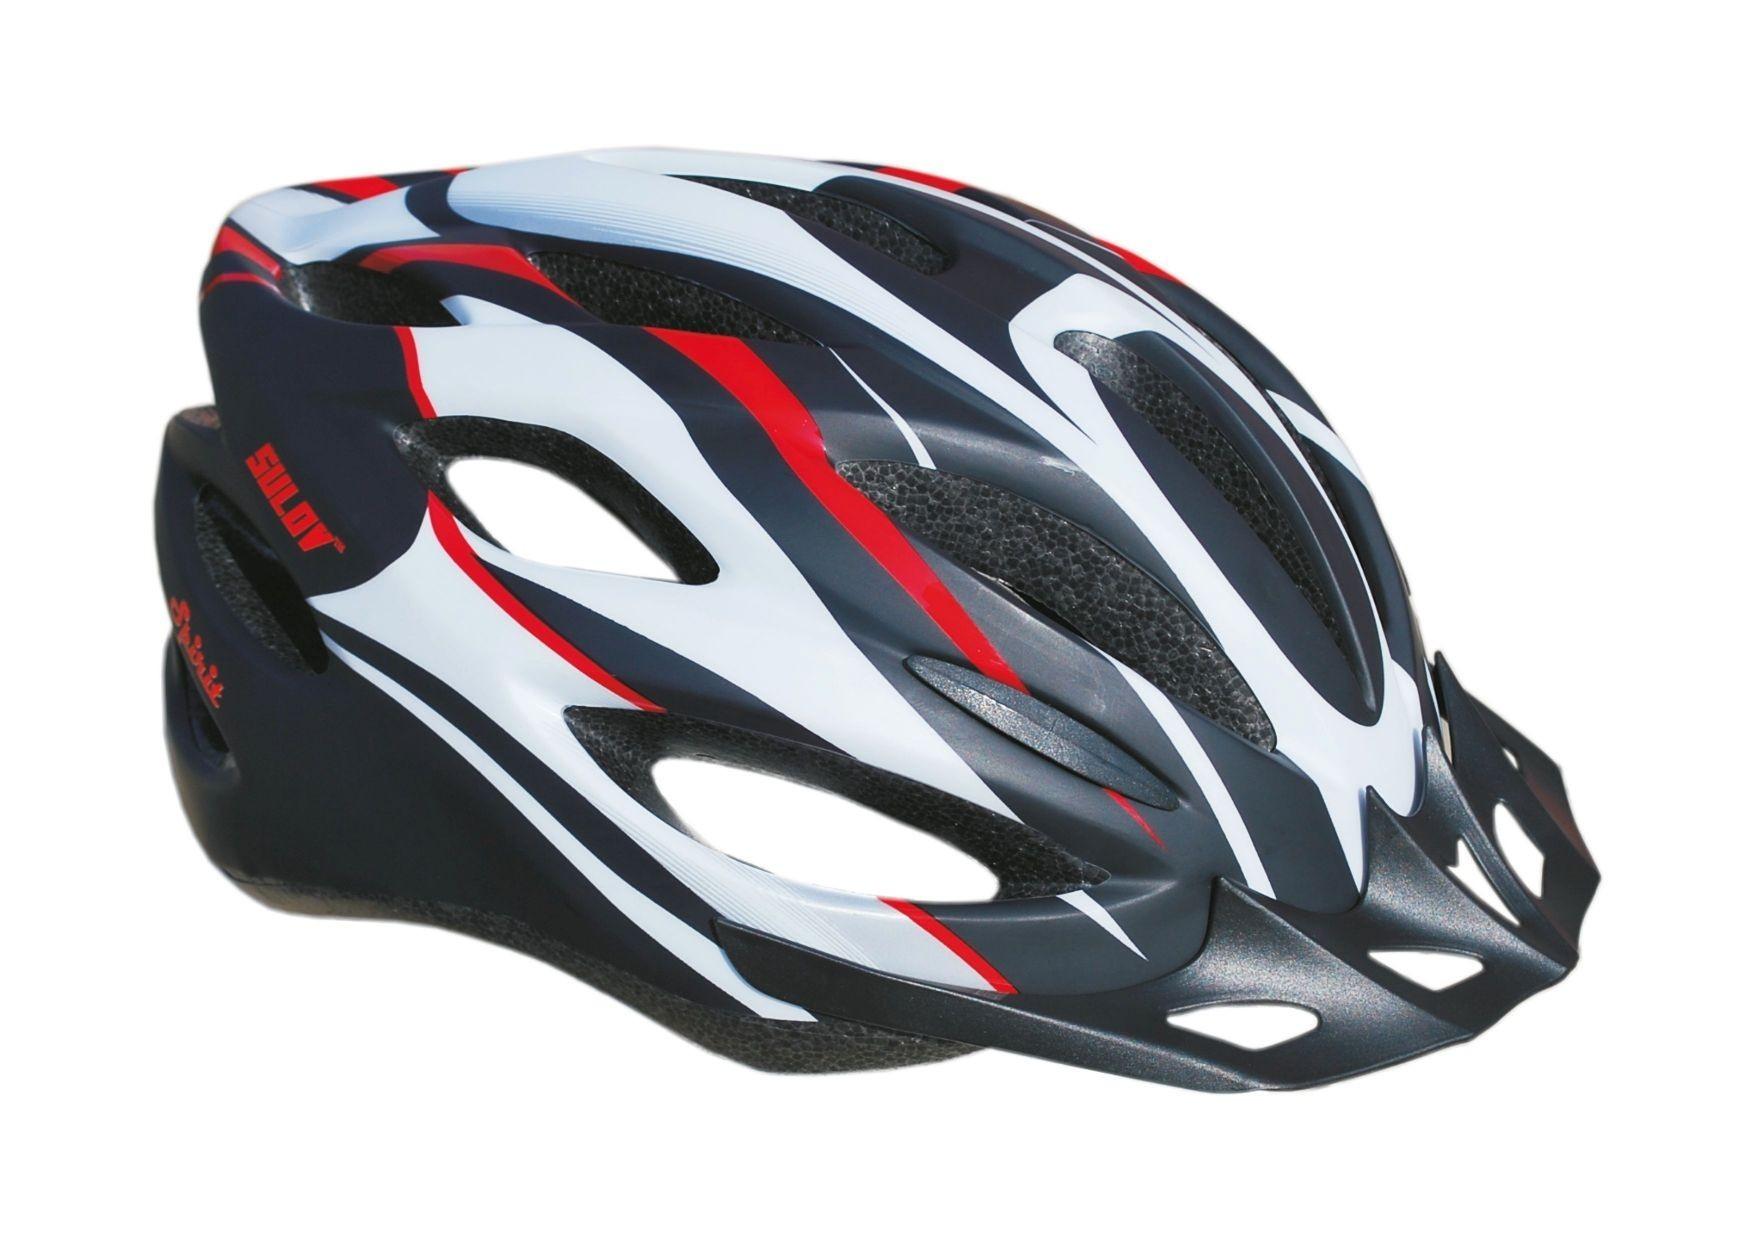 Cyklo helma SULOV SPIRIT, vel. S, černo-červená polomat